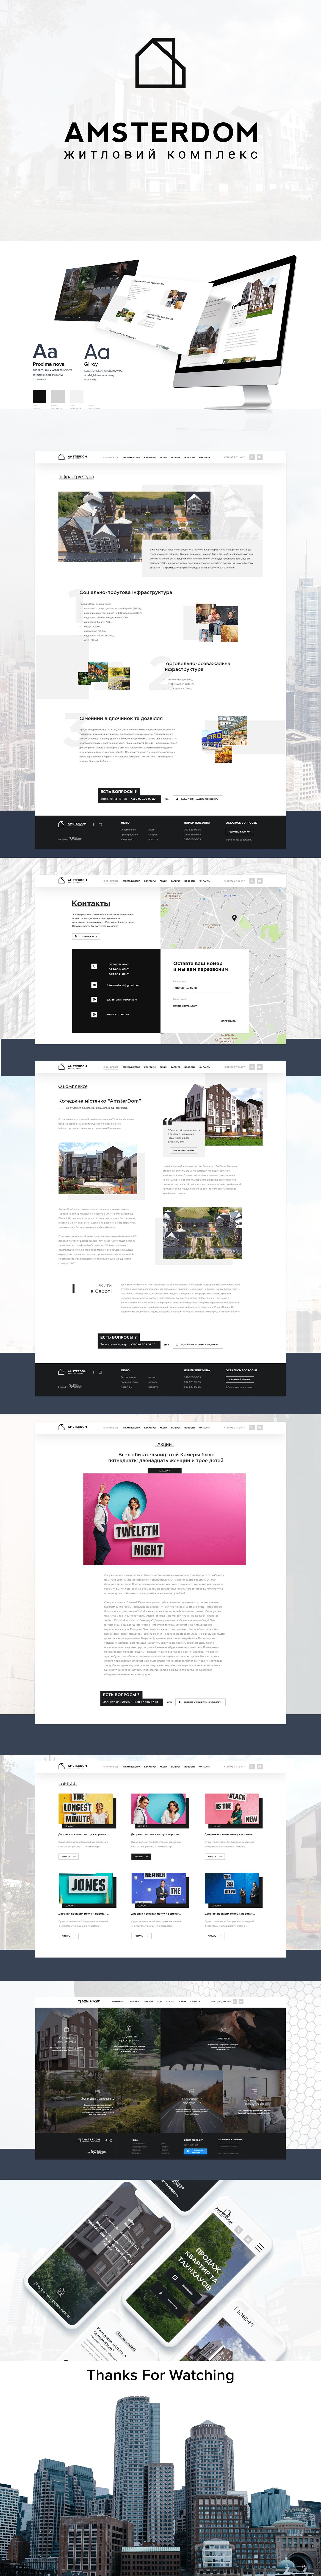 сайт дизайн недвижимость жилой комплекс жк новостройка buiding realty house